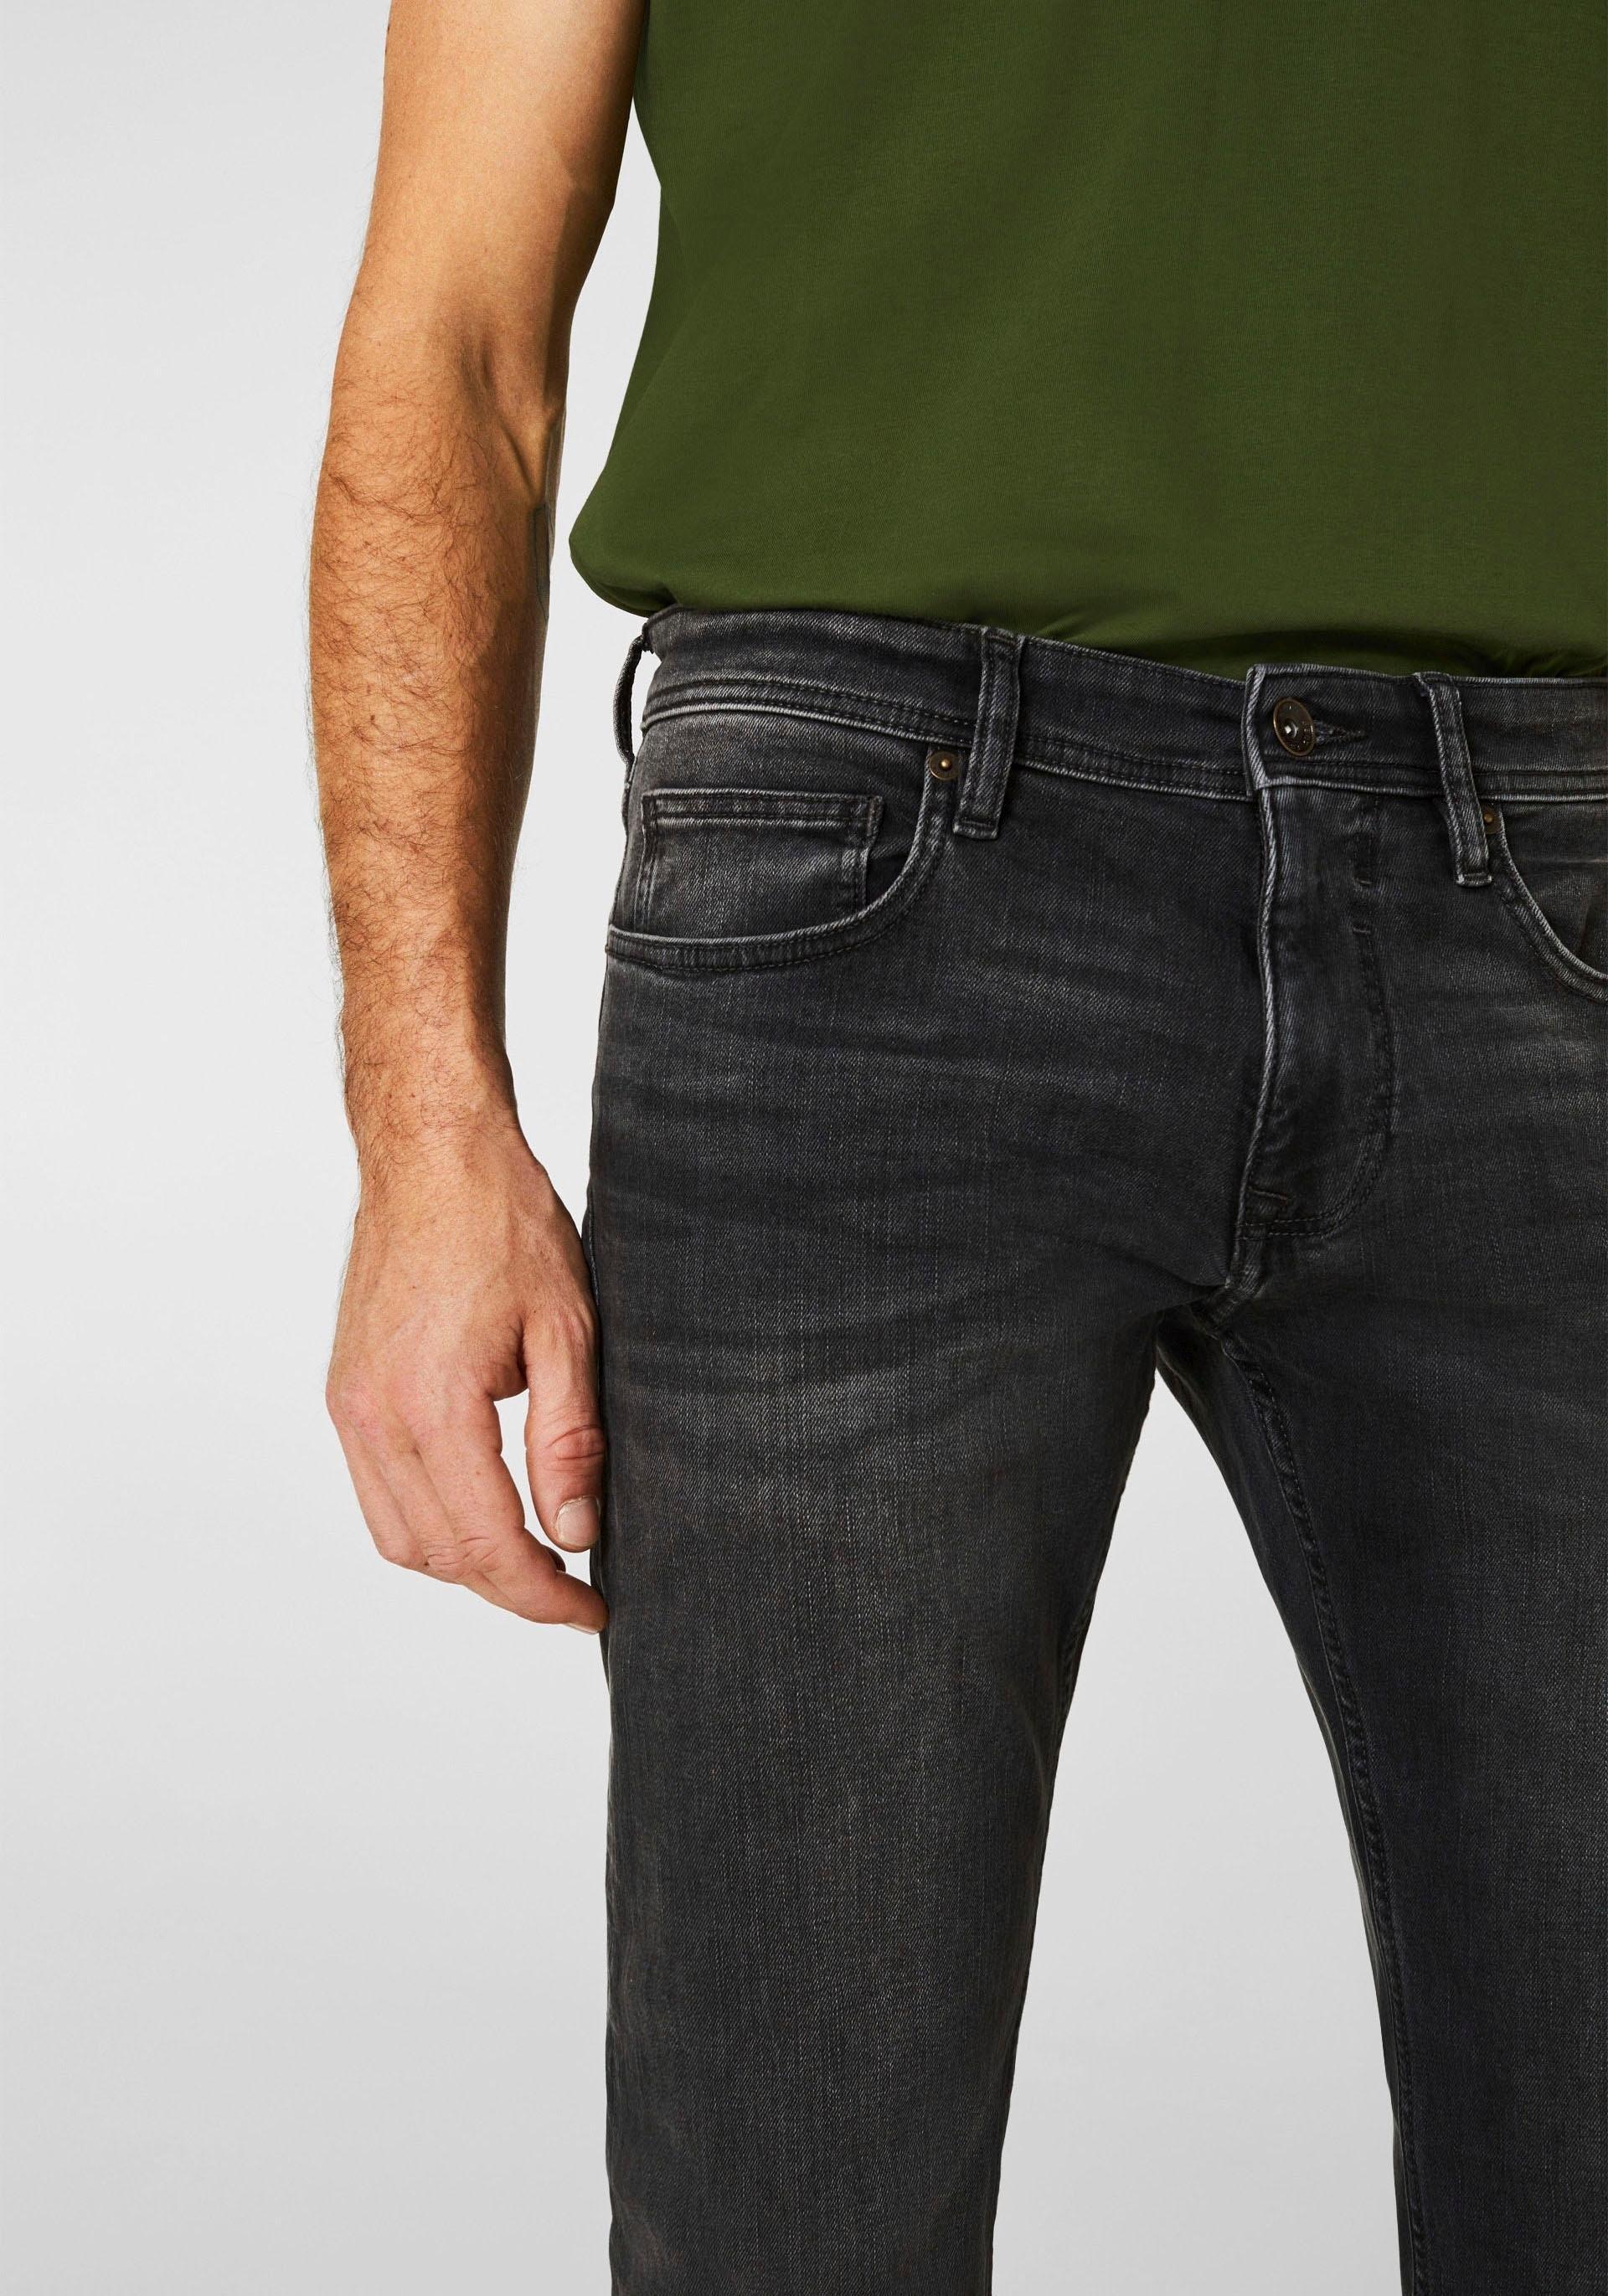 ESPRIT straight jeans bestellen: 30 dagen bedenktijd